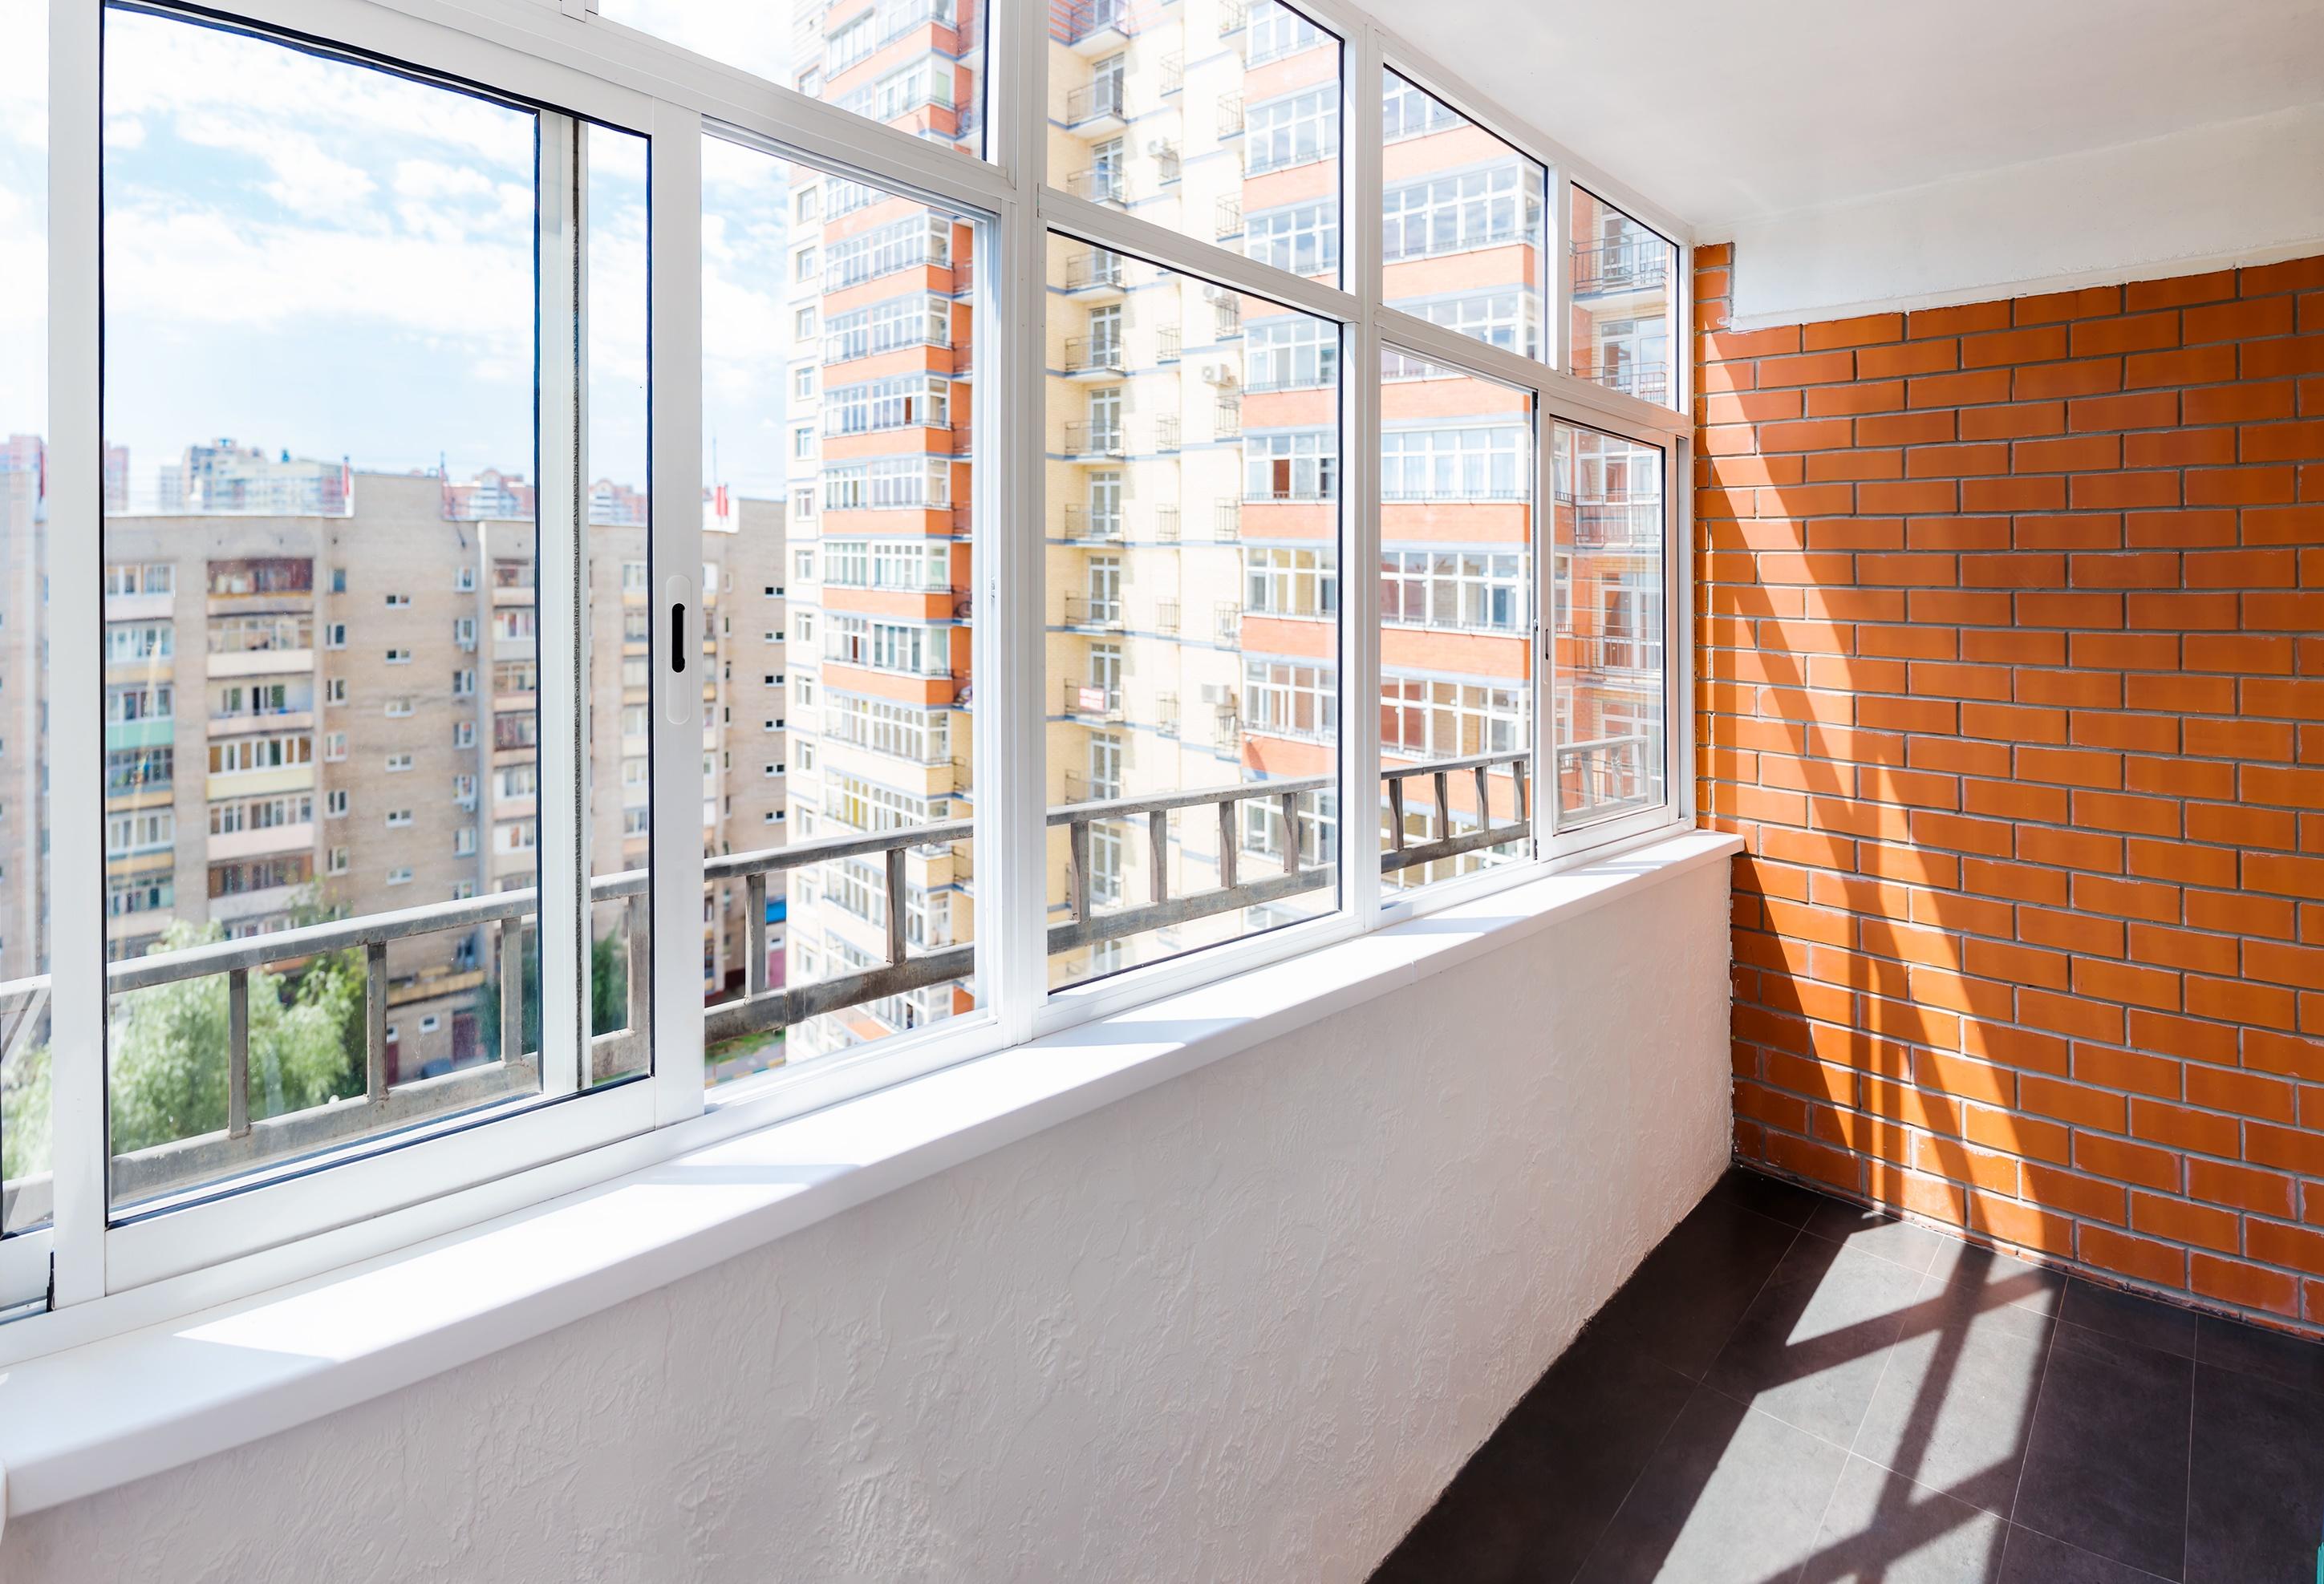 Glazed balcony